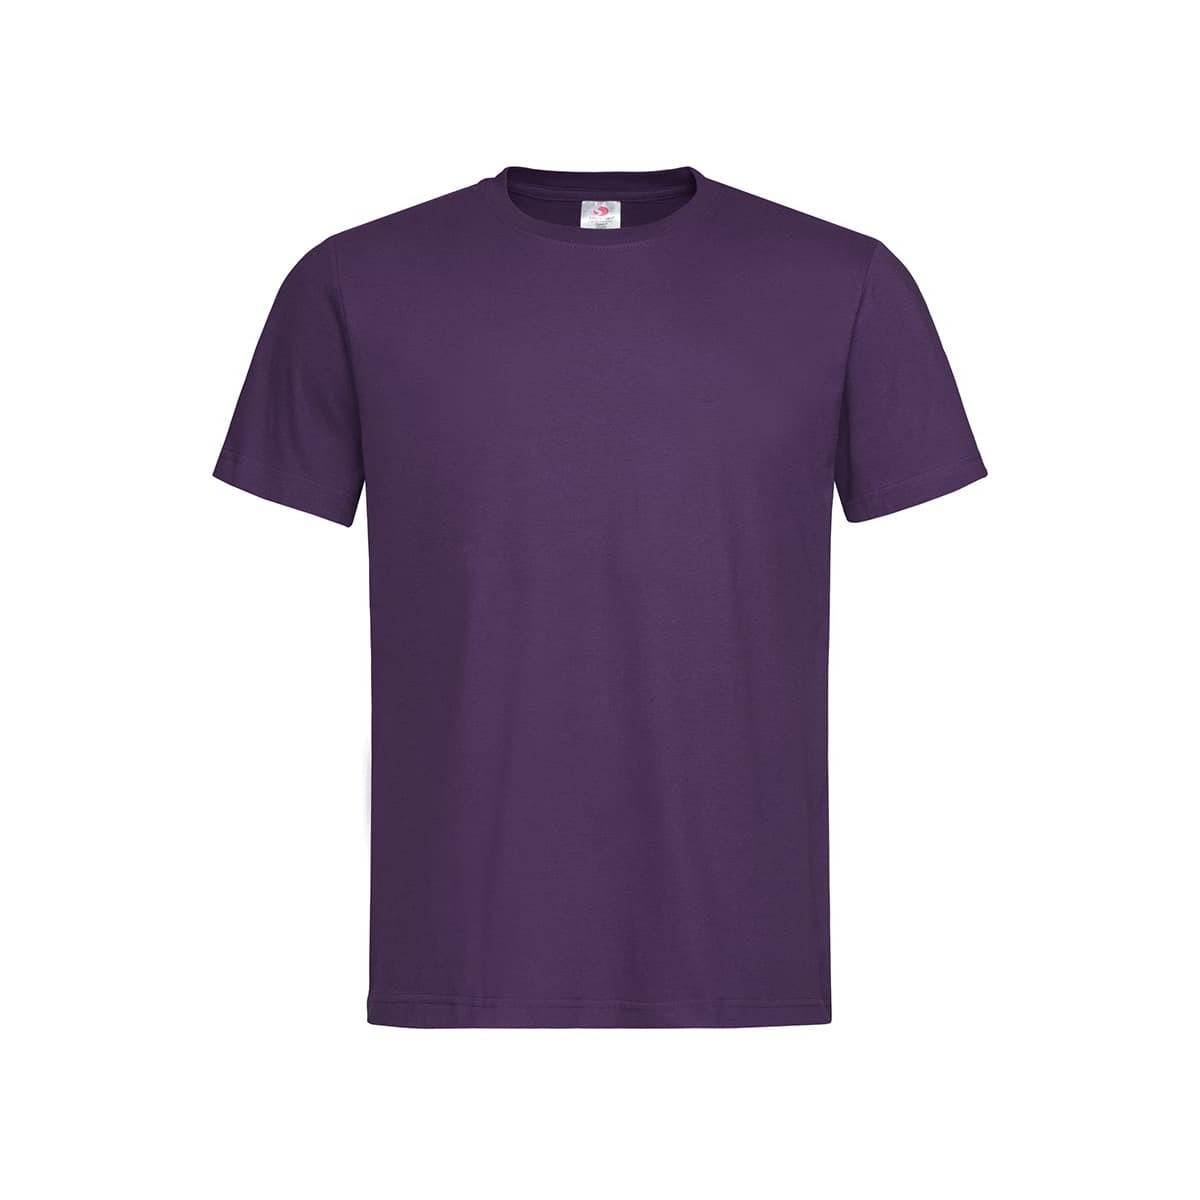 miniature 26 - Stedman - T-shirt classique - Homme (AB269)